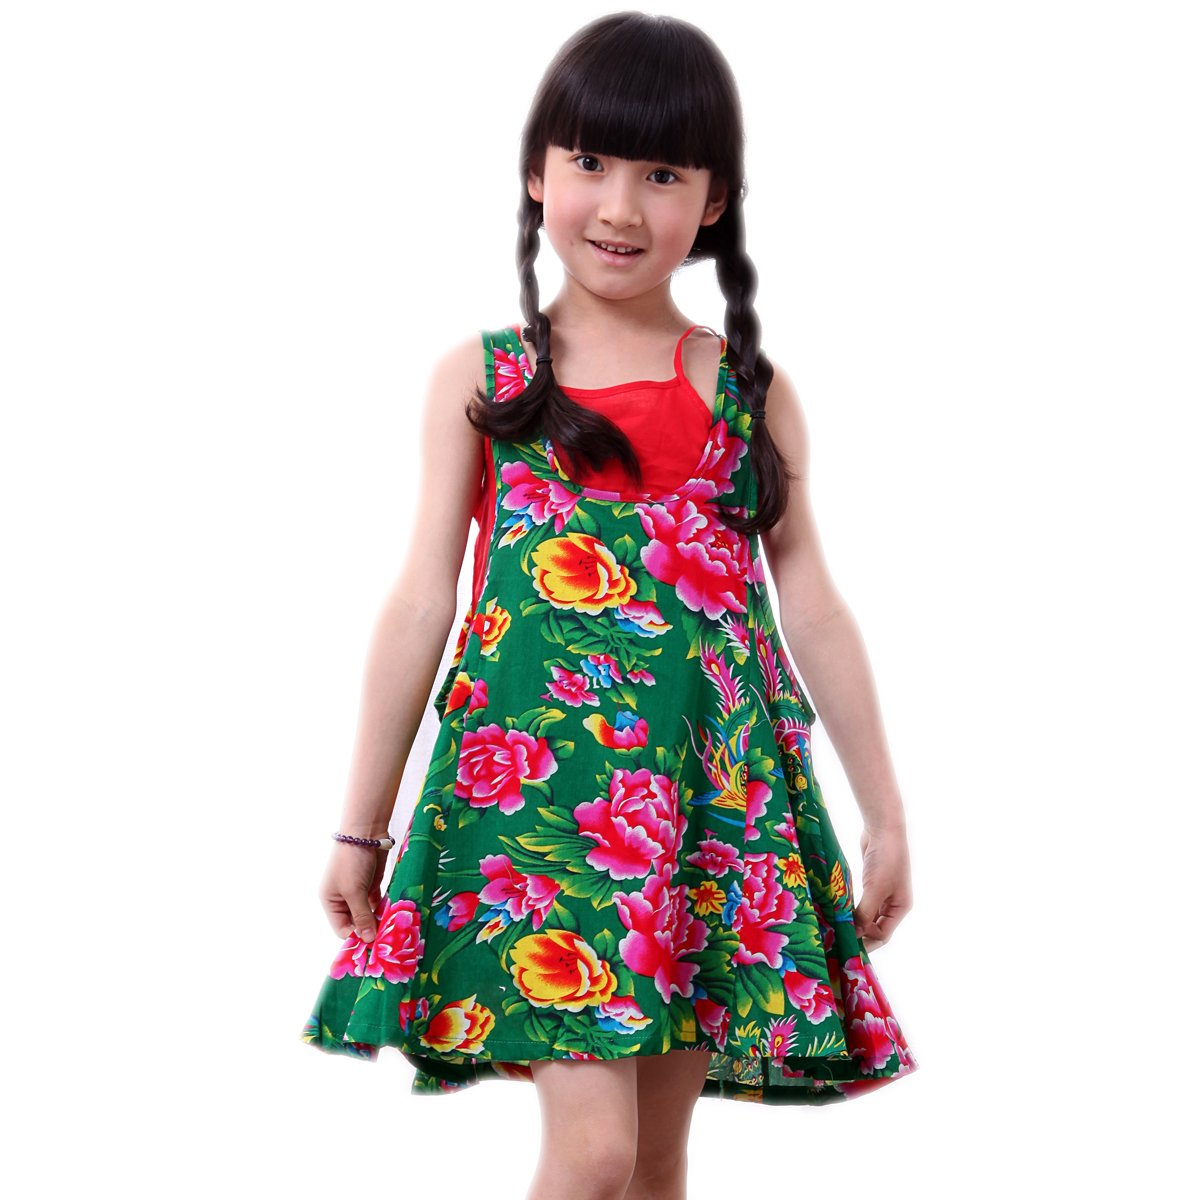 以太儿 夏季民族风纯棉布儿童吊带裙 舞蹈表演服 带小